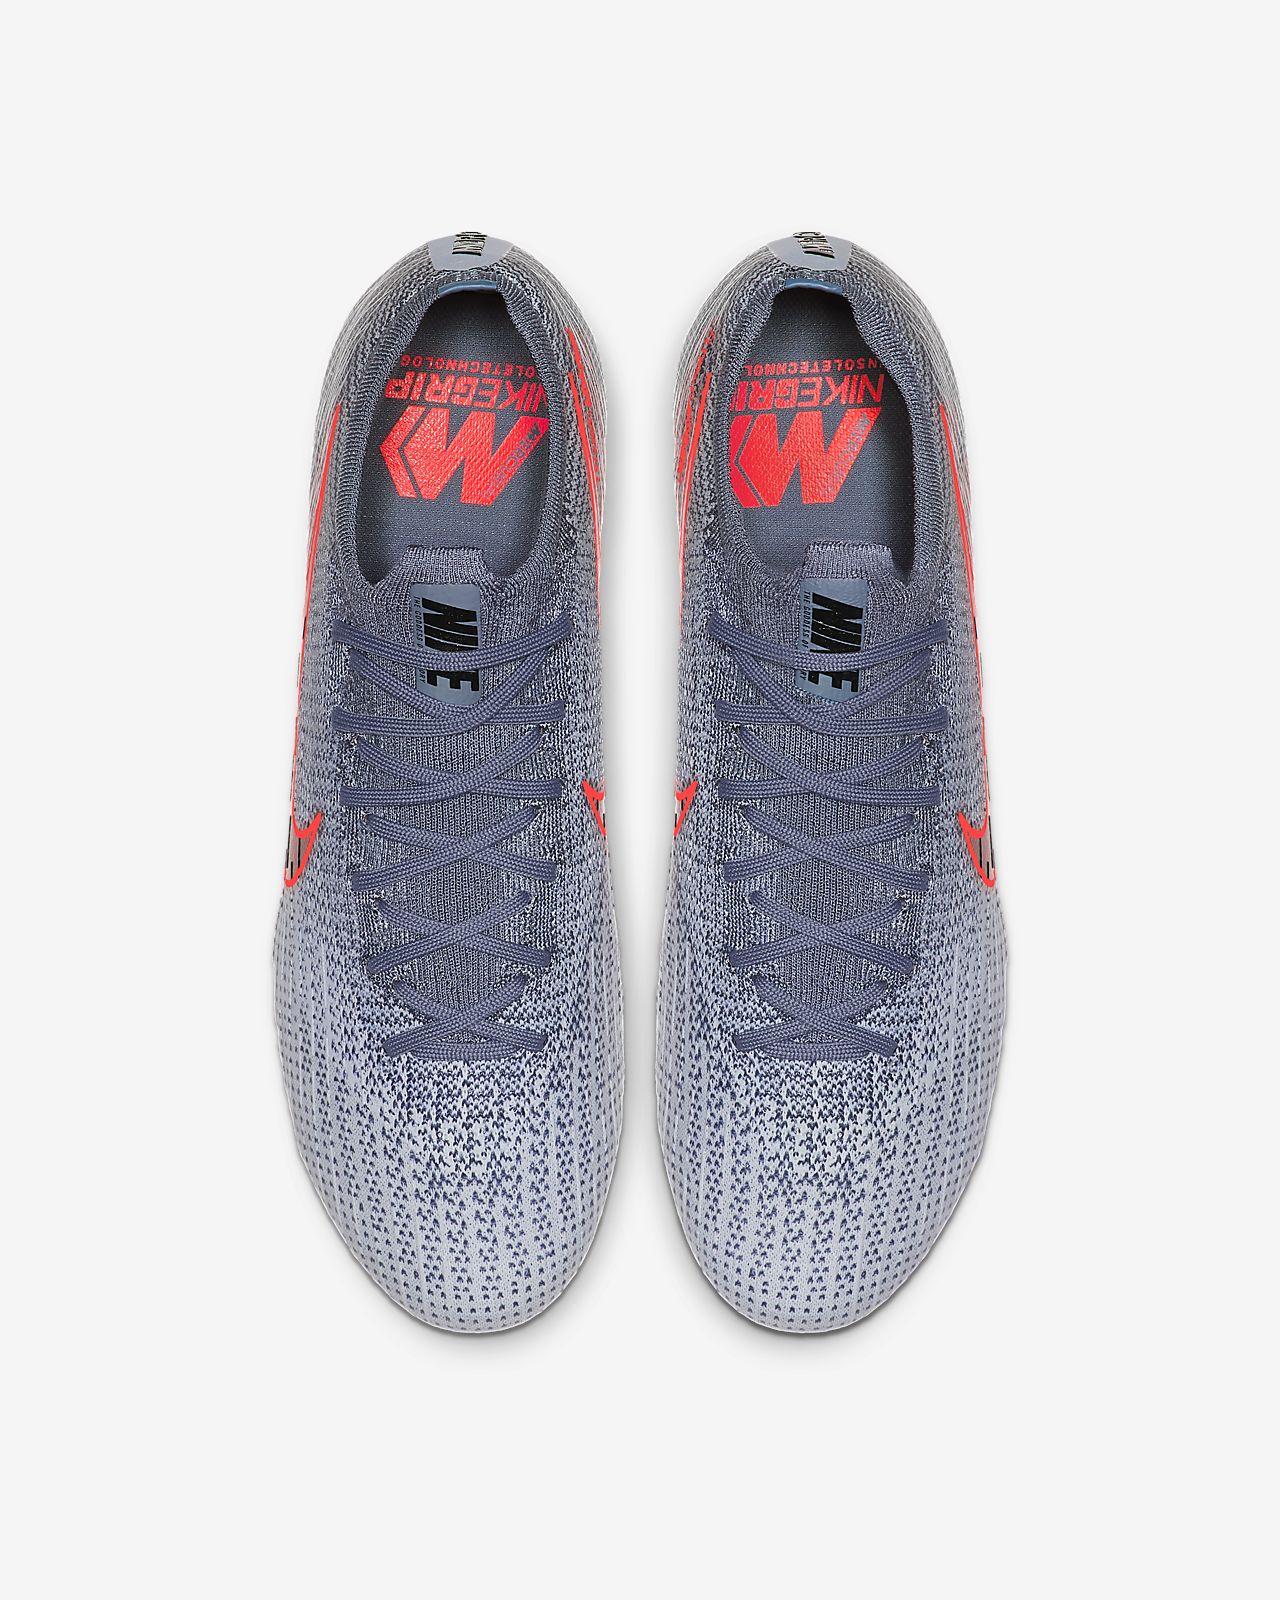 brand new a2576 c6793 Nike Vapor 12 Elite FG Voetbalschoen (stevige ondergrond). Nike.com BE